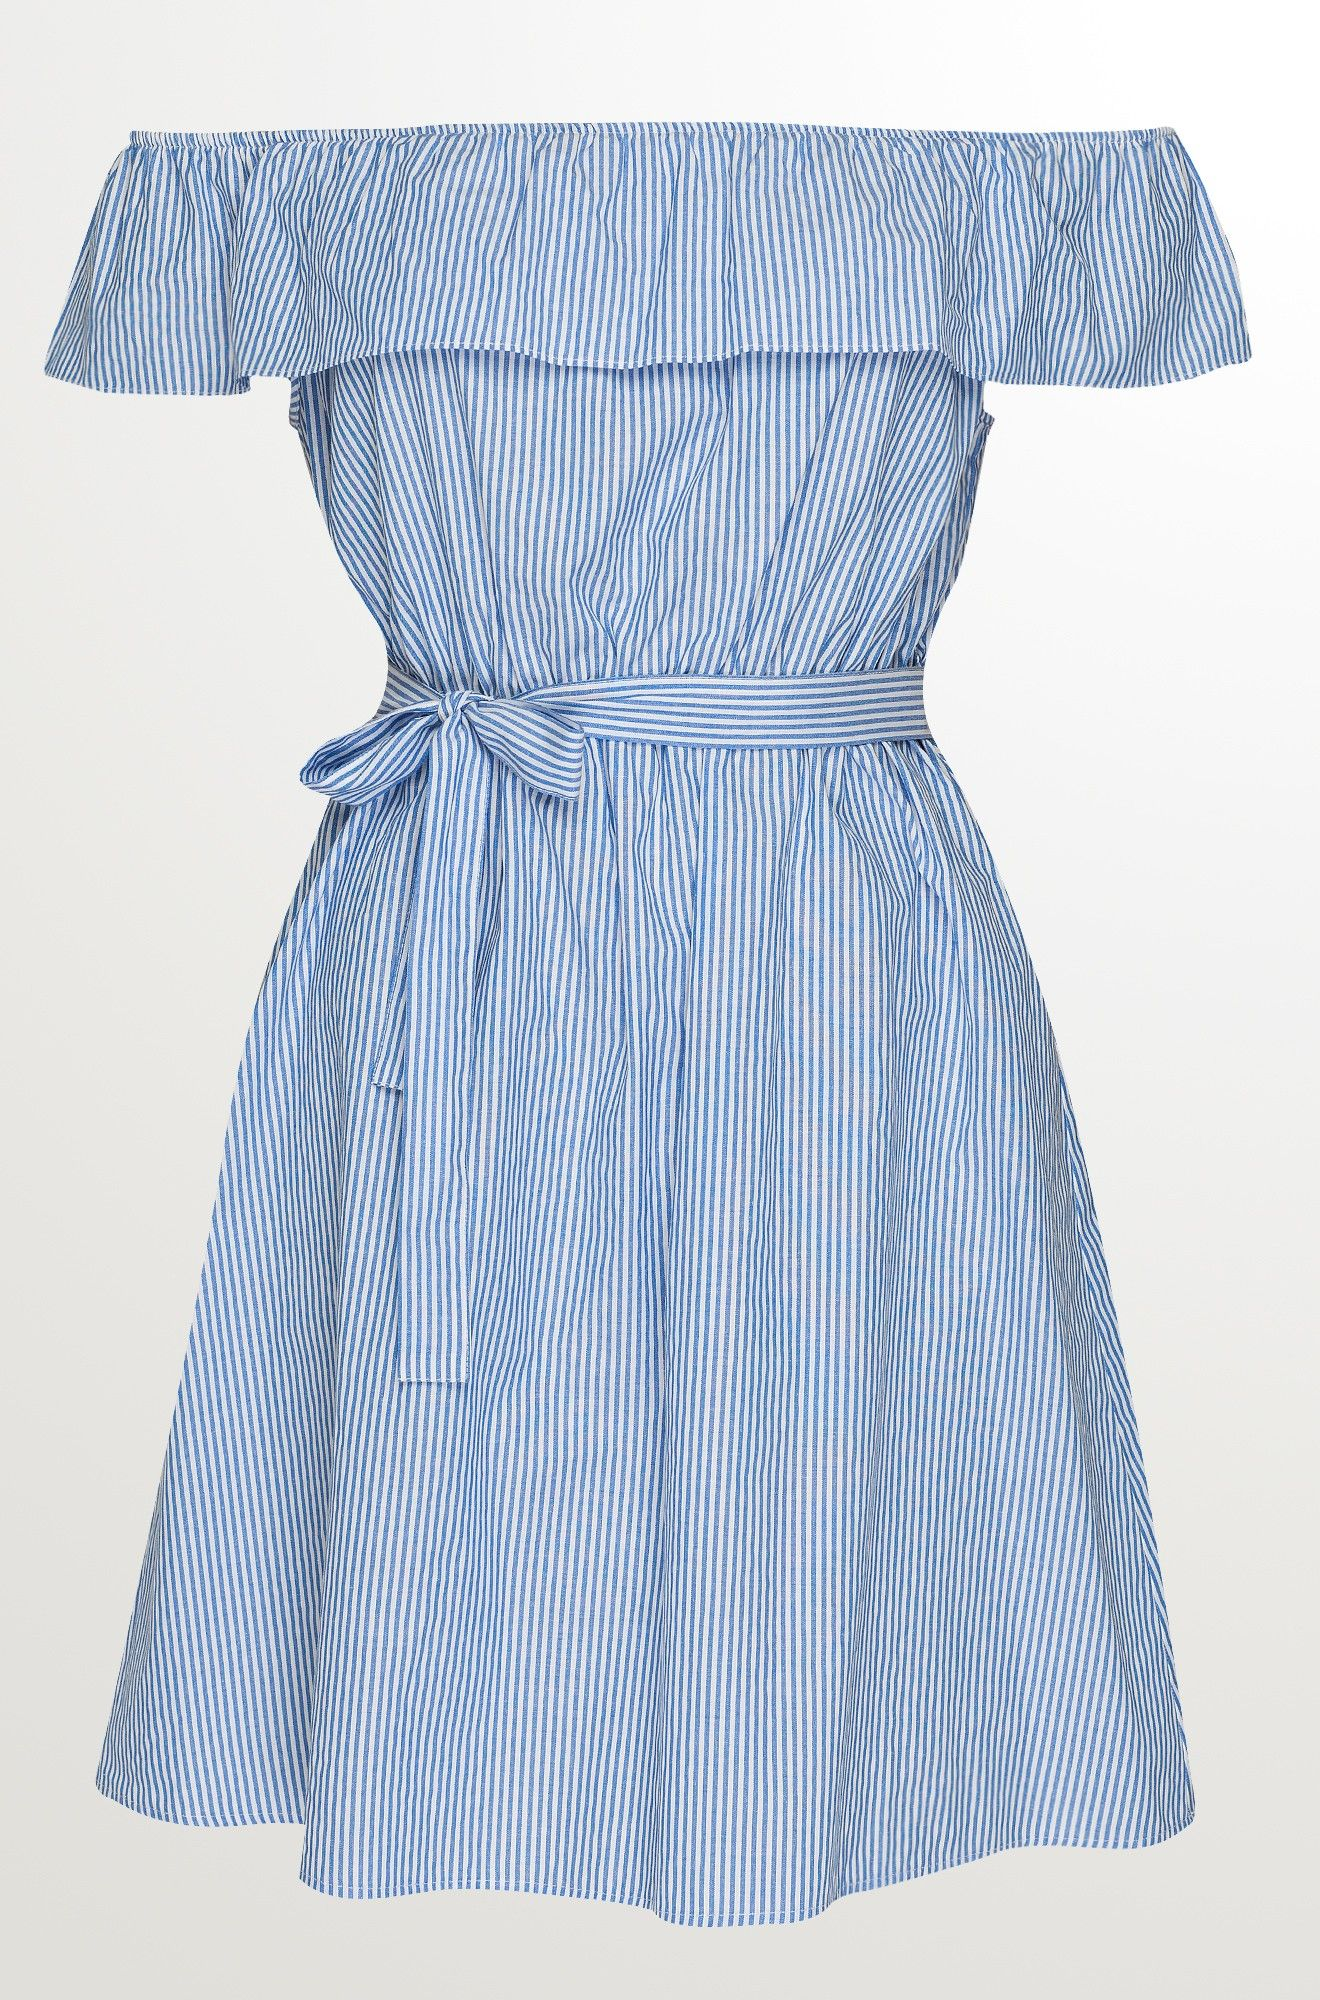 Schnittmuster kleid carmen ausschnitt – Mode Kleider von 2018